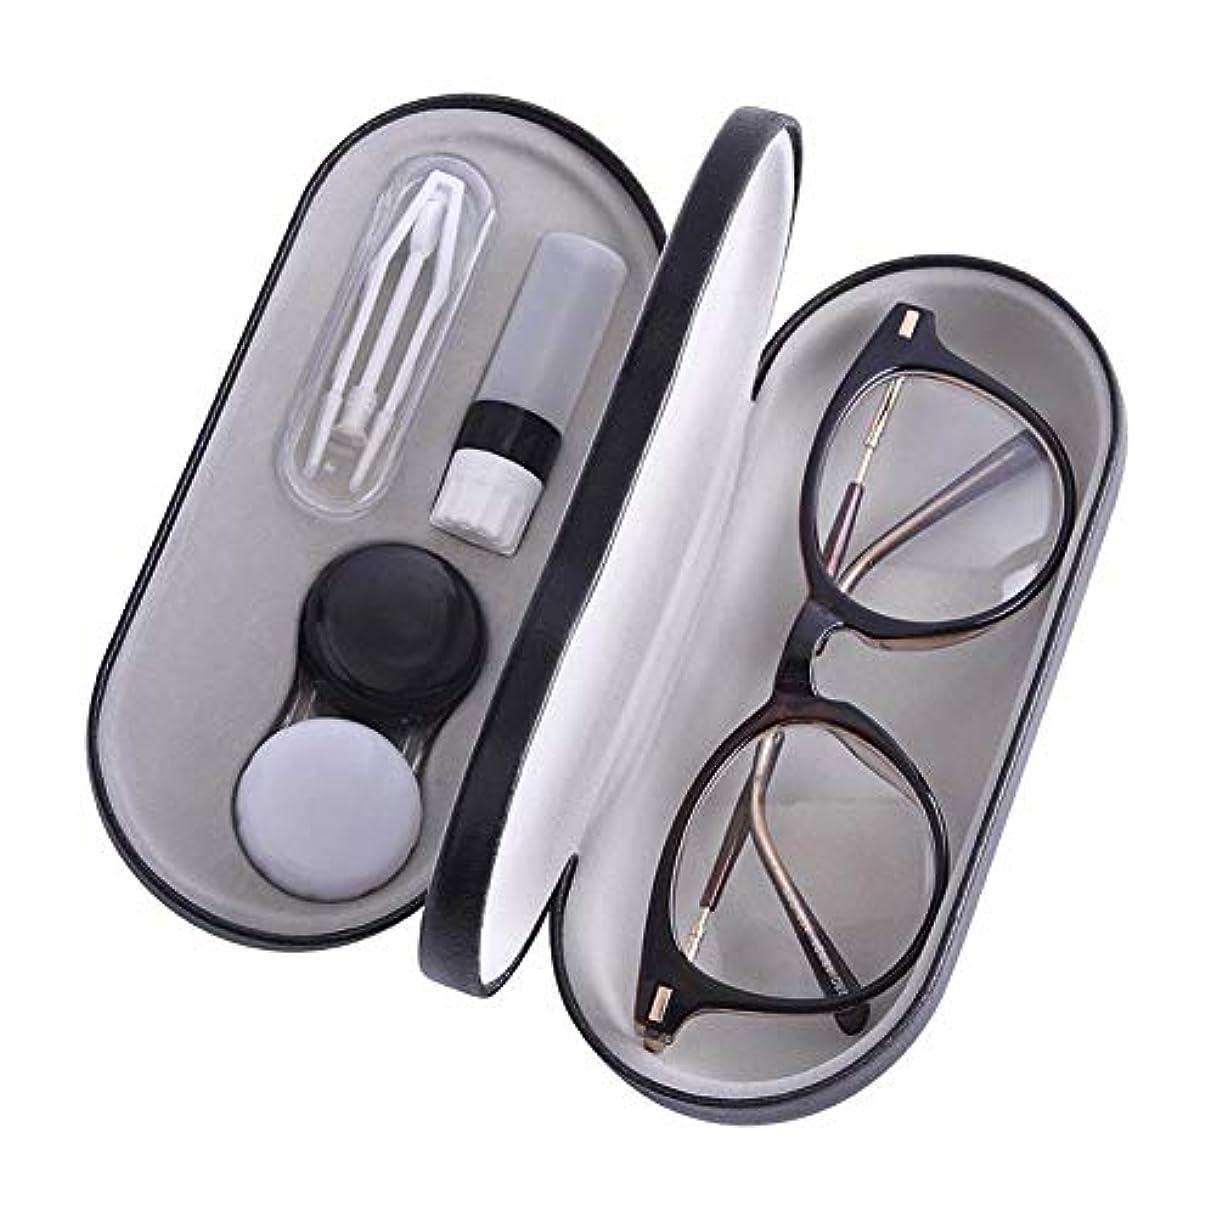 レタス敬無知コンタクトレンズケーストラベルホームイノベーション両面メガネ収納ボックストラベルセットボックス携帯しやすいミニボックスコンテナコンタクトレンズフレーム